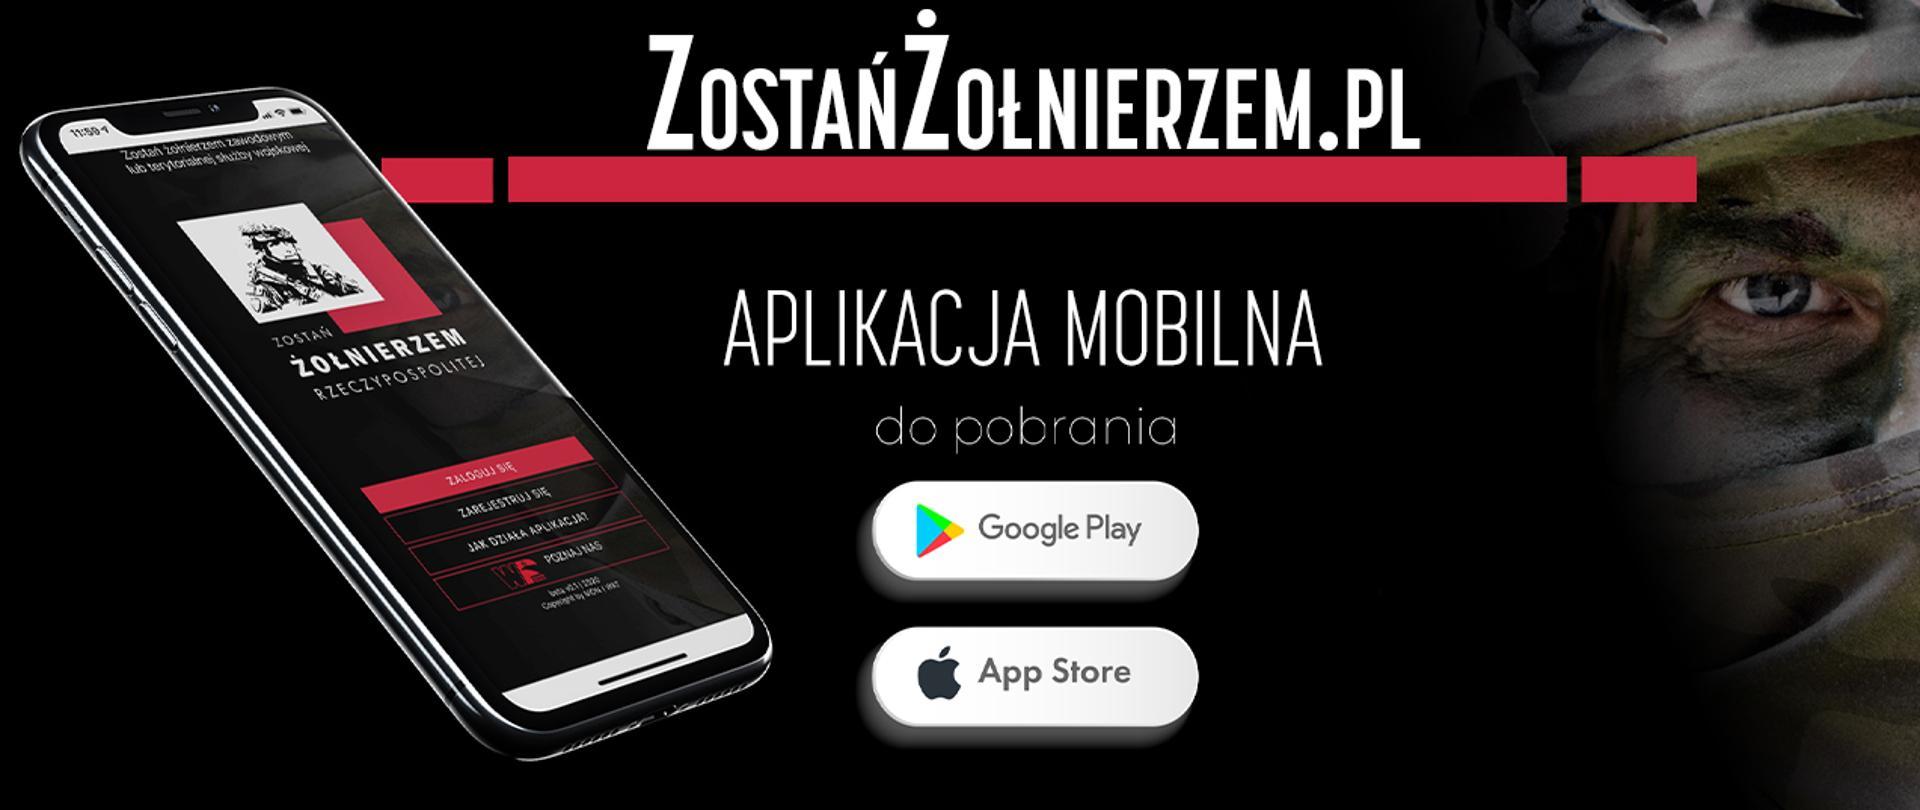 Ikona_HD_MON_aplikacja_mobilna_1280x540